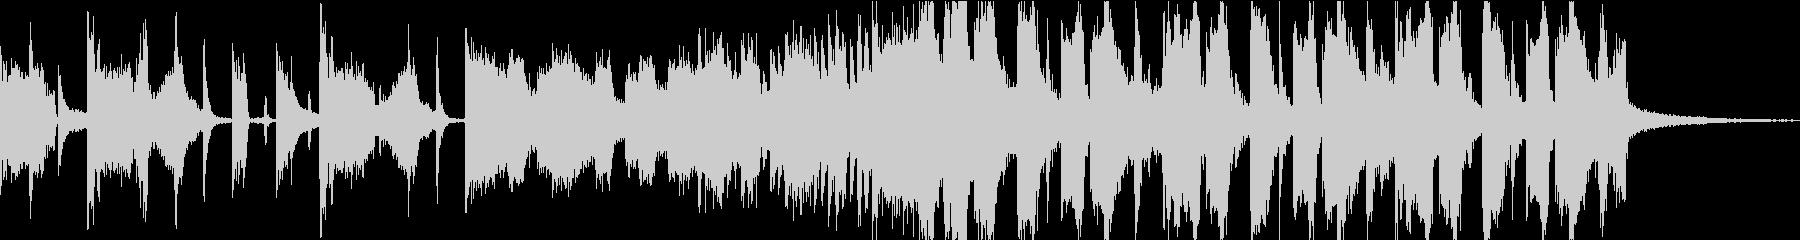 ライザップCMのパロディ_15秒verの未再生の波形